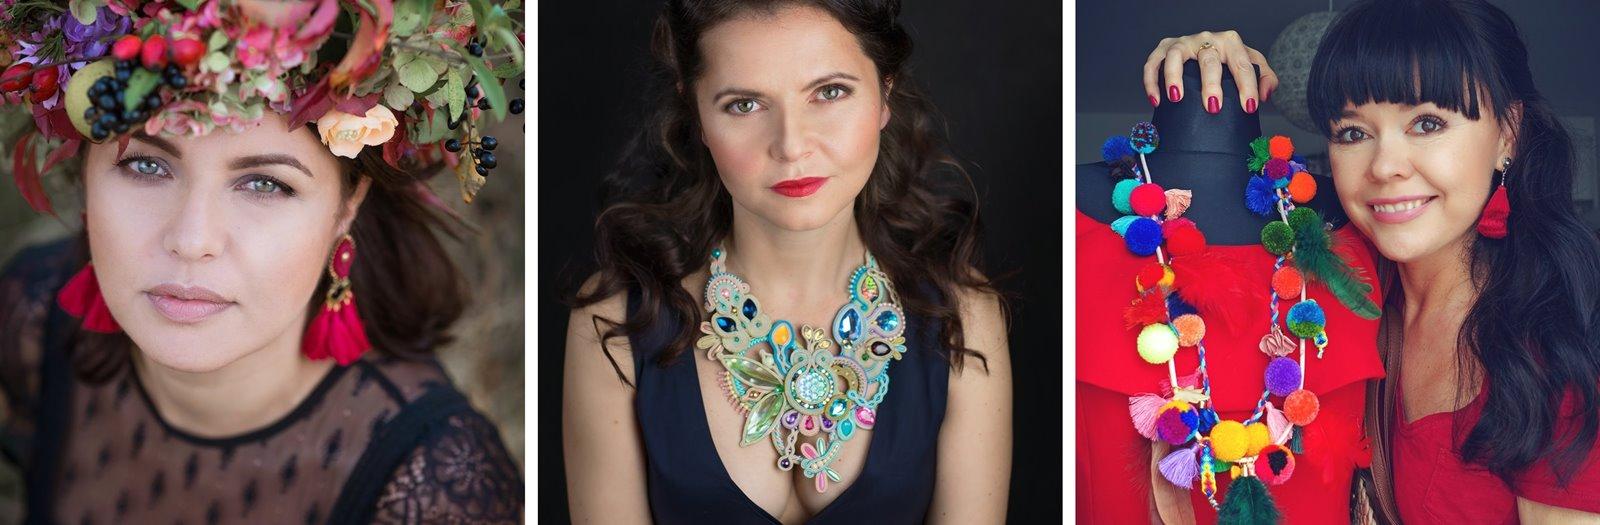 zdj 2 mró soutache jak zrobić biżuterię techniką soutache kolczyki biżuteria na wesele ślub pompony tęczowa kolorowa polska firma wyrób biżuterii ręczna biżuteria handmade sandały z pomponami wywiad pomysł biznes